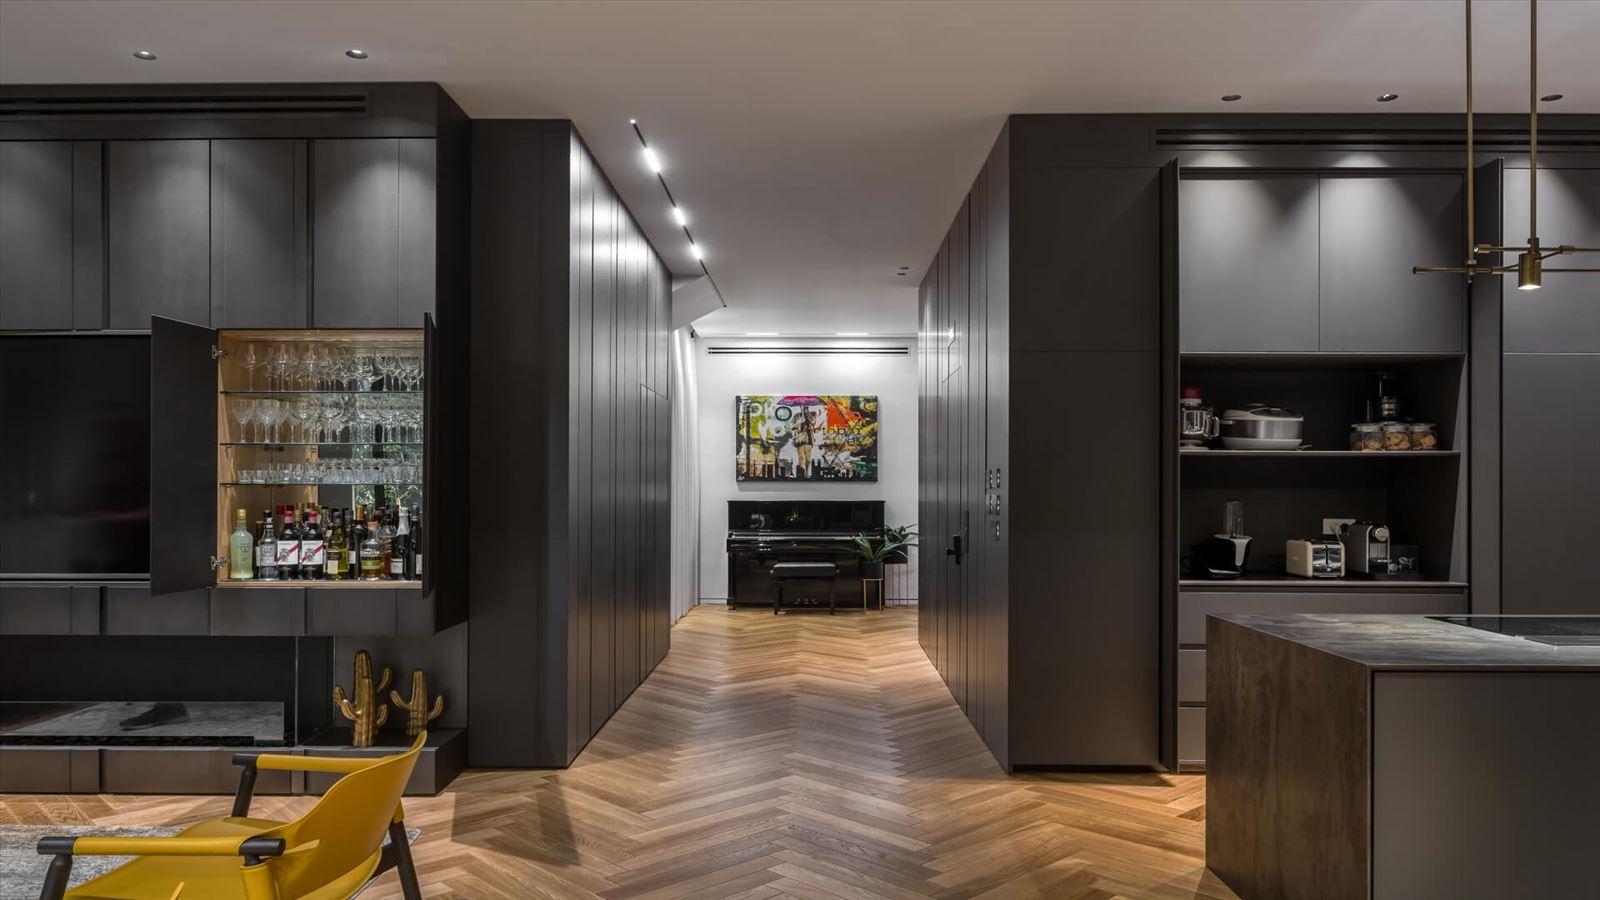 עיצוב תאורת חלל הבית על ידי דורי קמחי תאורה אדריכלית